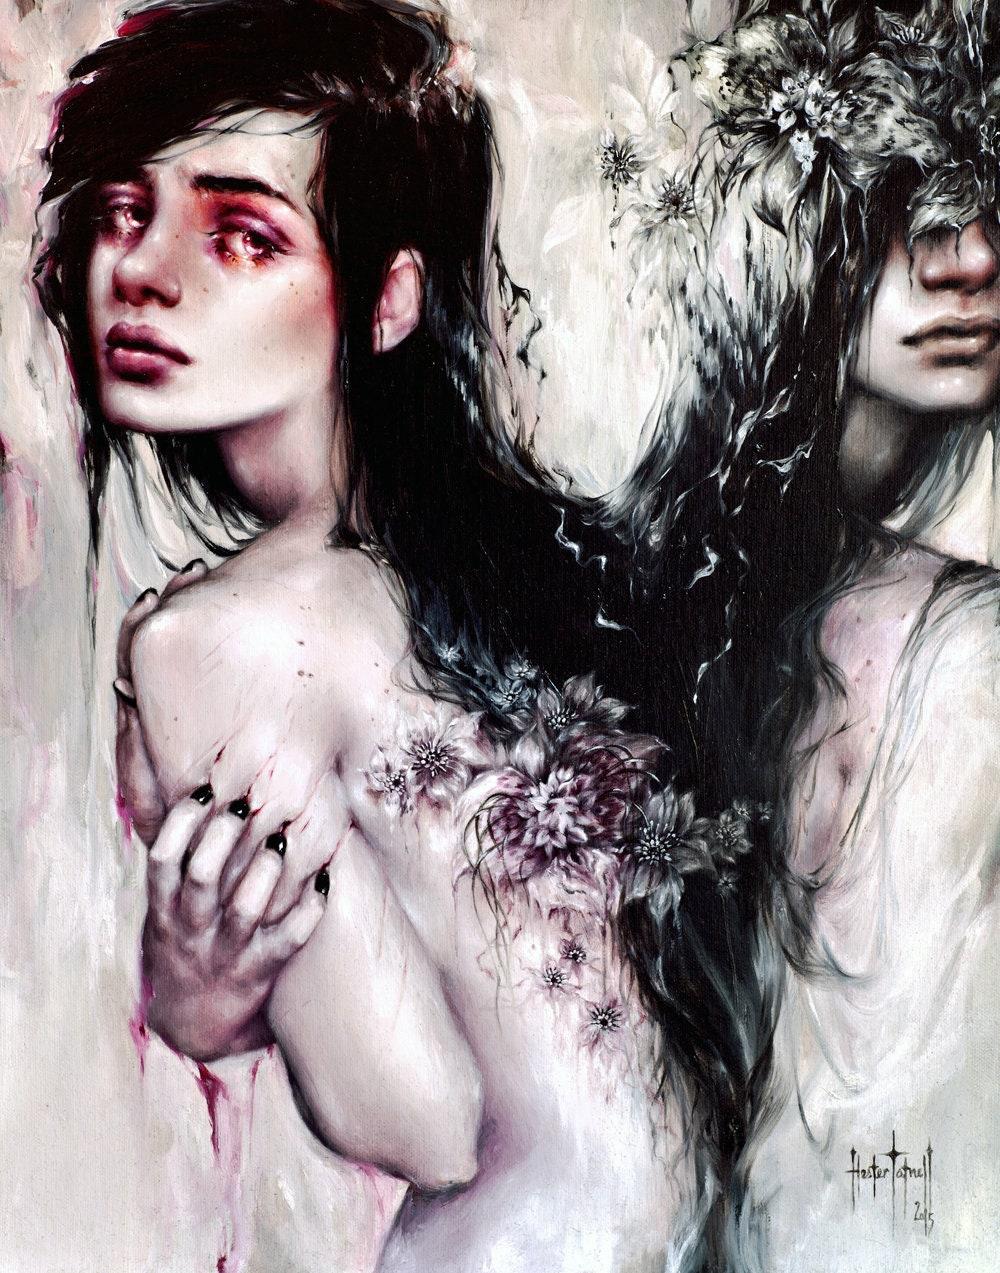 Rawflower Gothic Albino Fine Art Oil Painting Print